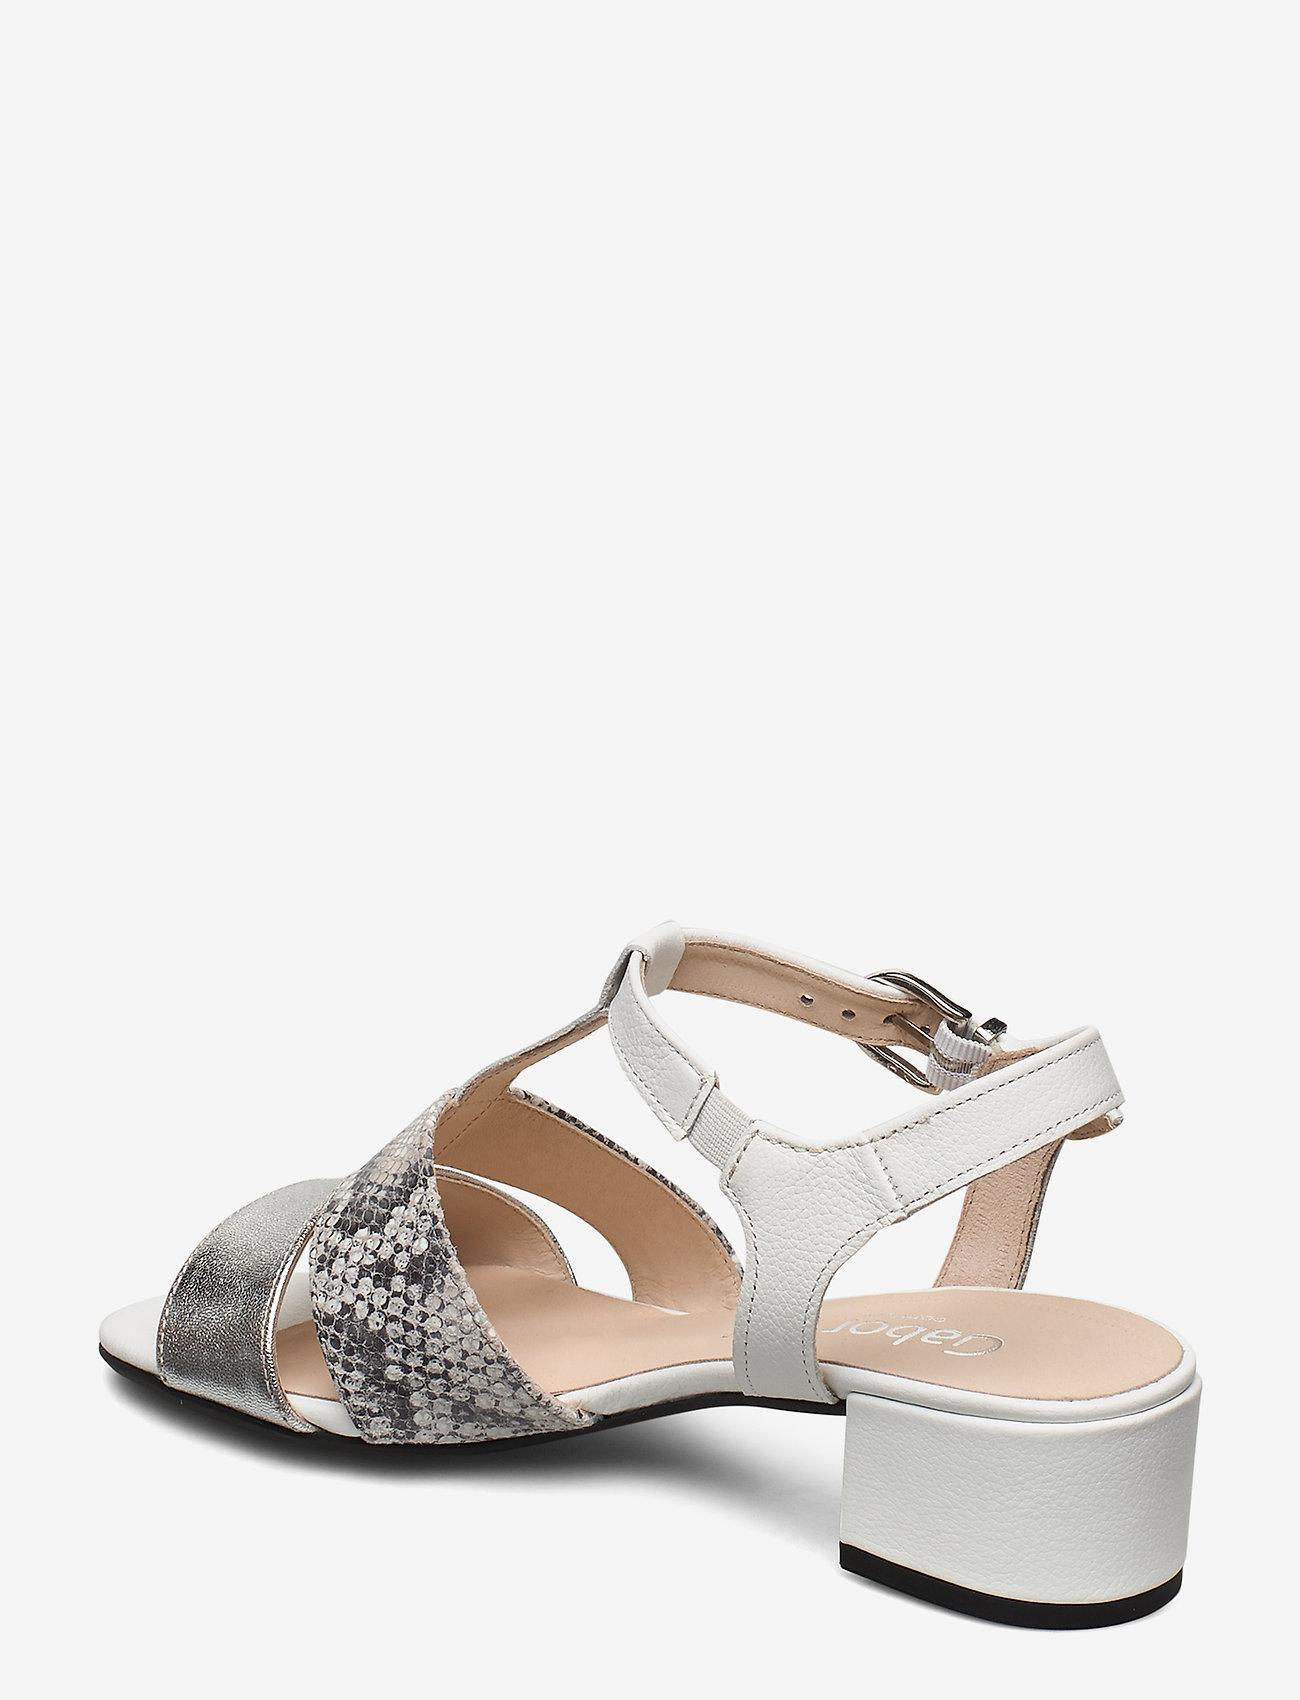 Gabor sandals - Absatzschuhe WHITE - Schuhe Billige